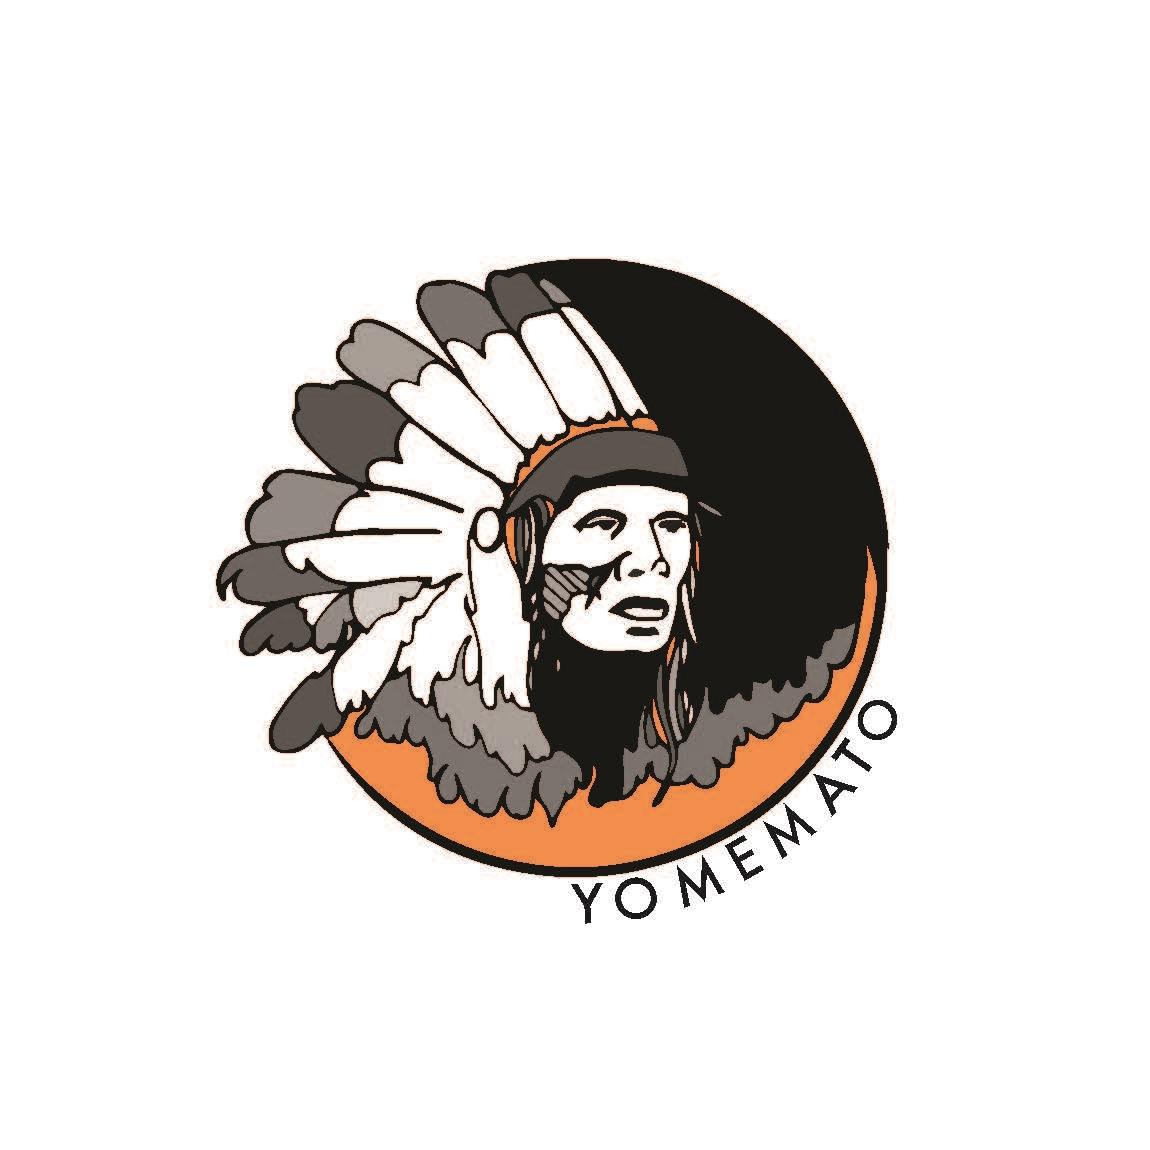 Yomemato Hot Sauce Logo